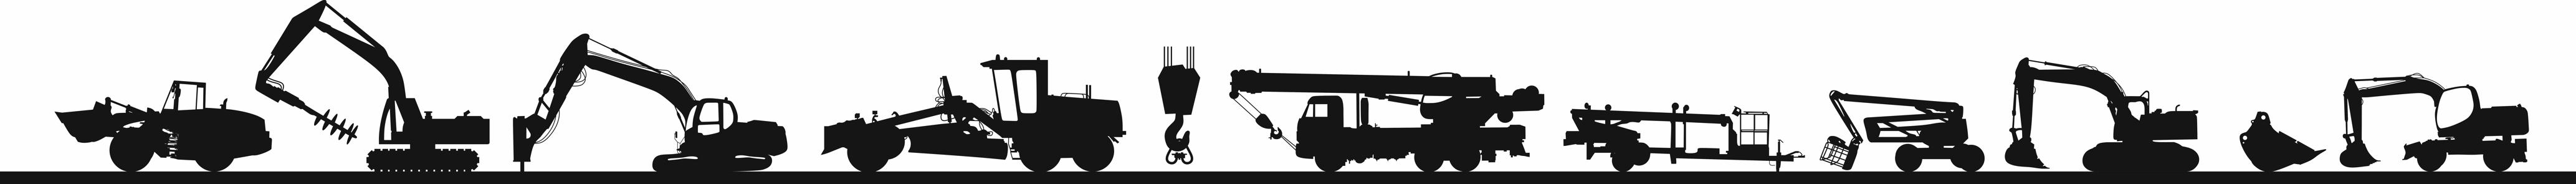 Дорожно-строительная техника. Контуры.